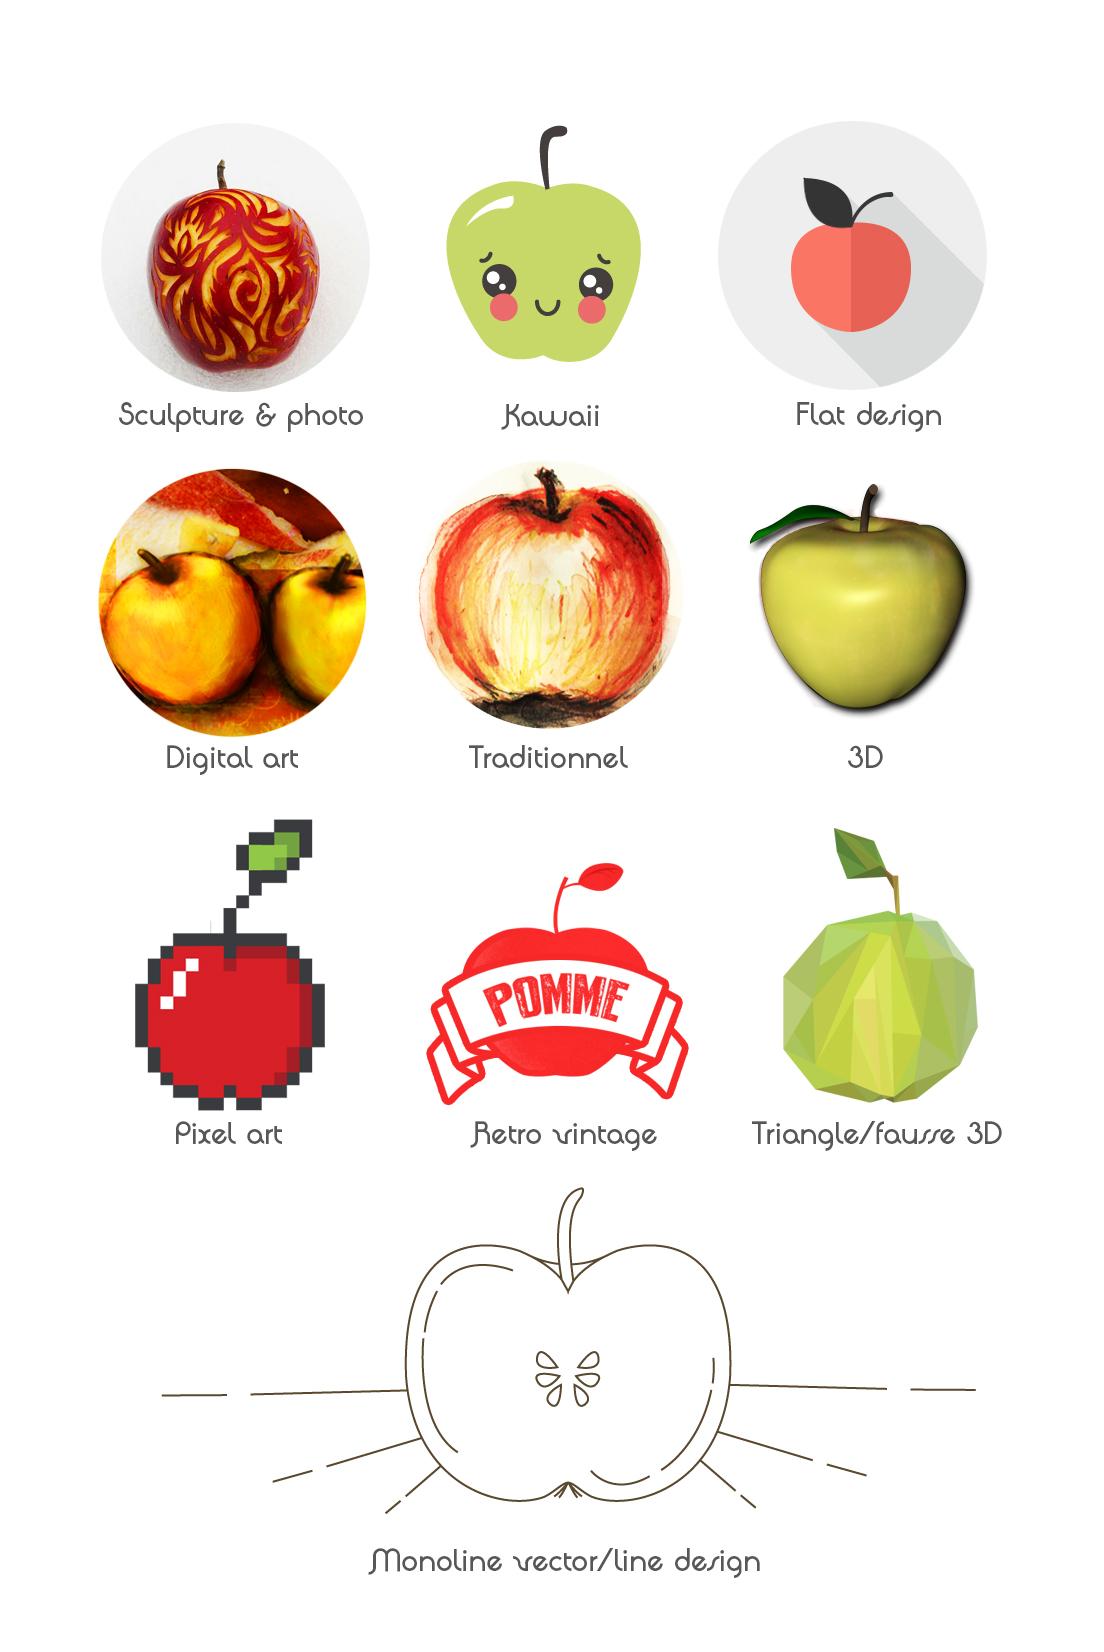 différents styles graphiques